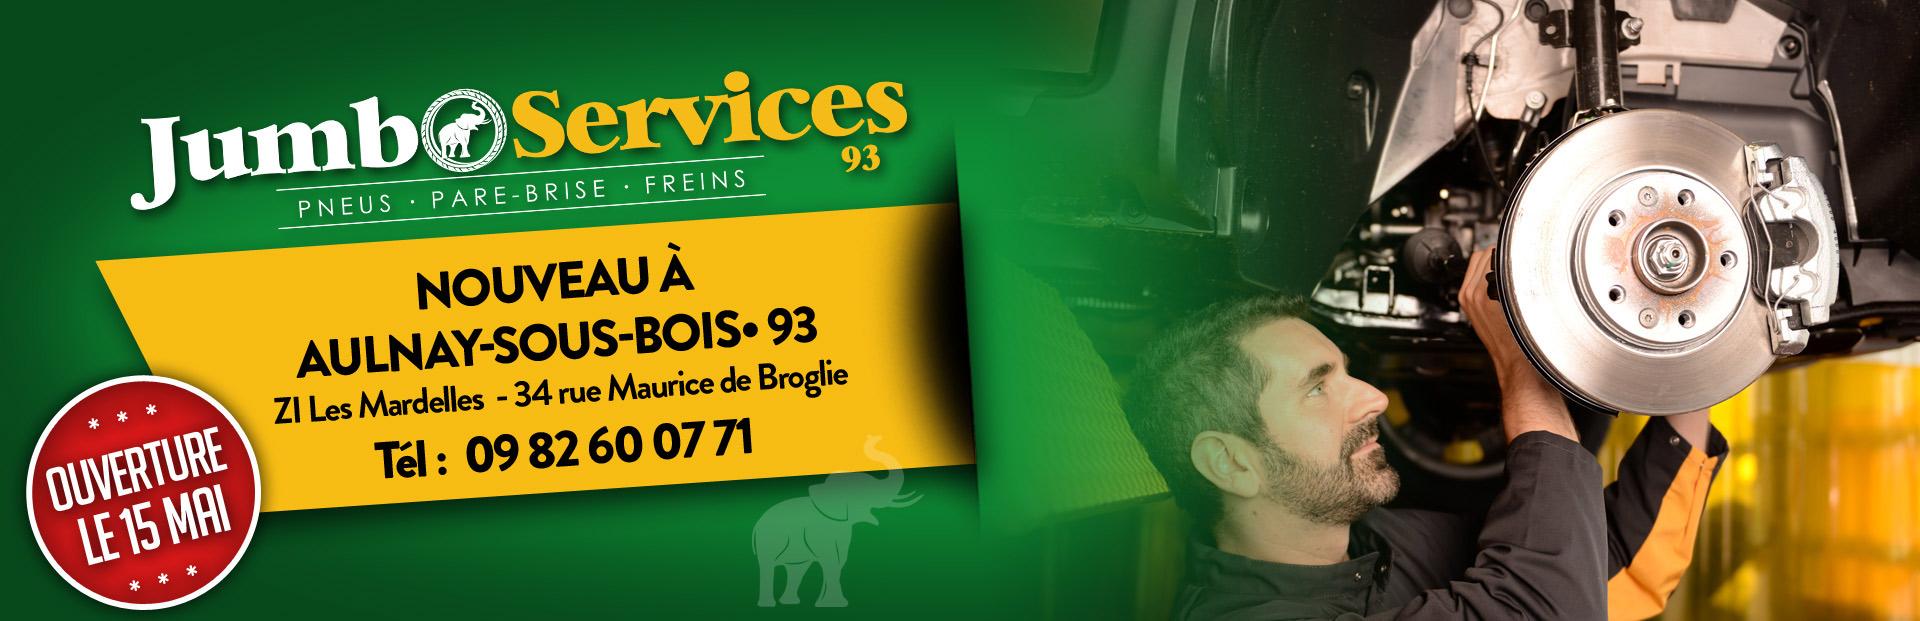 Centre du pneu à Aulnay-sous-Bois 93